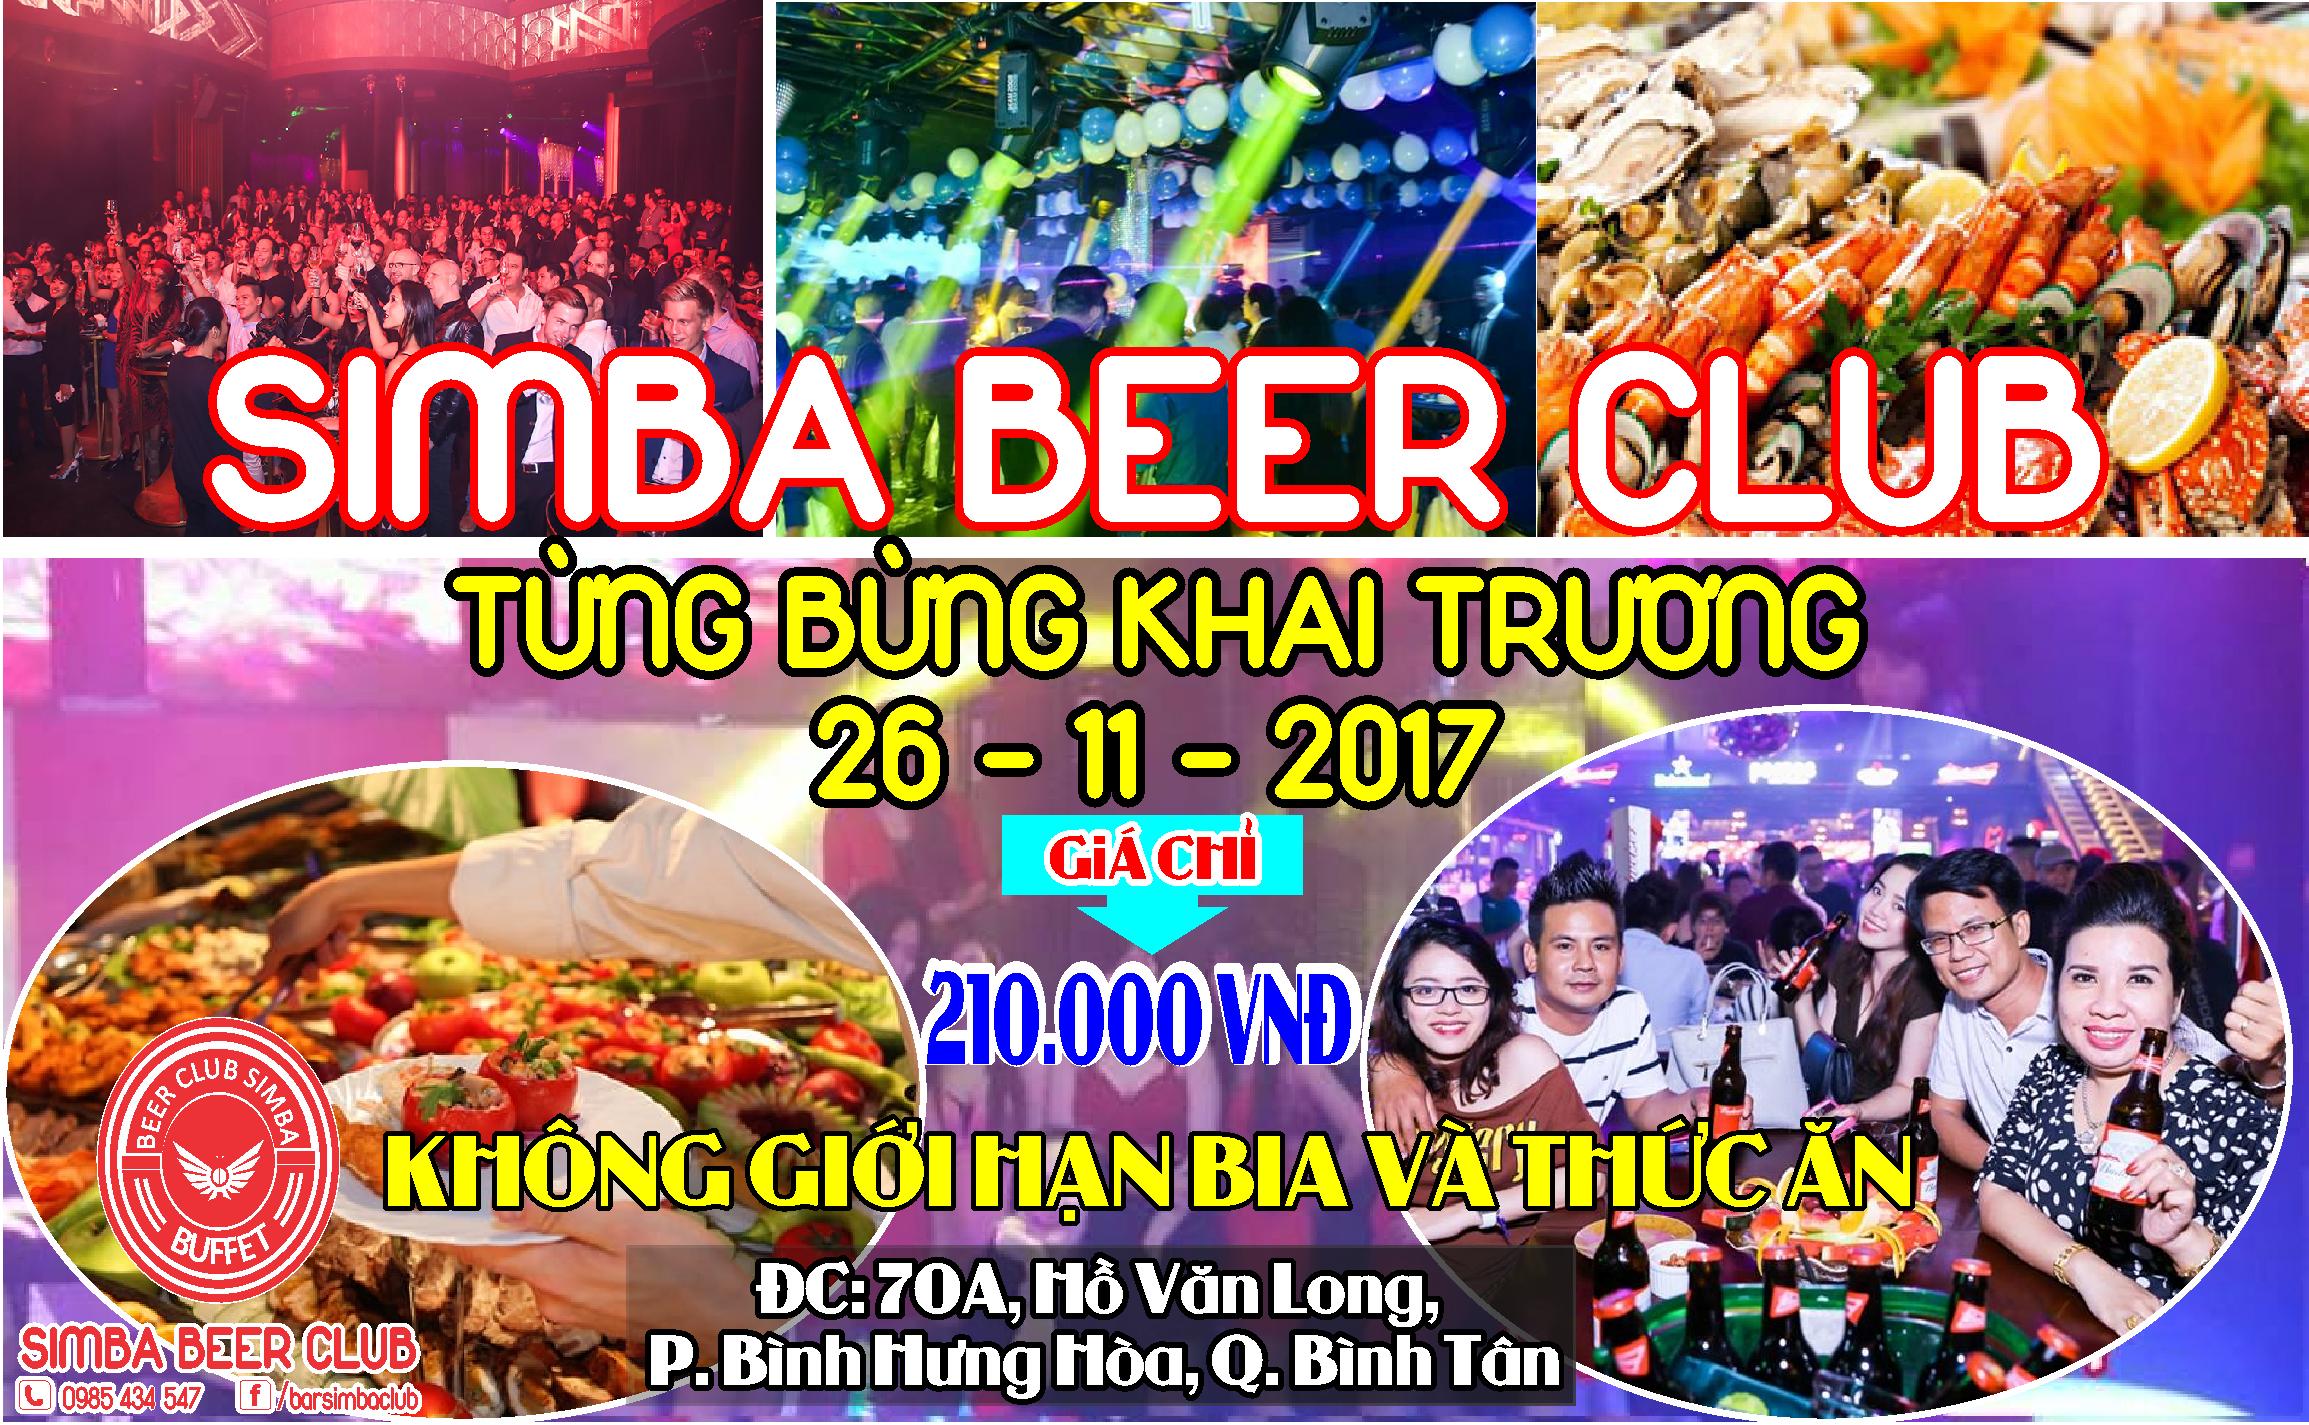 BUFFET BEER CLUB SIMBA BÌNH TÂN